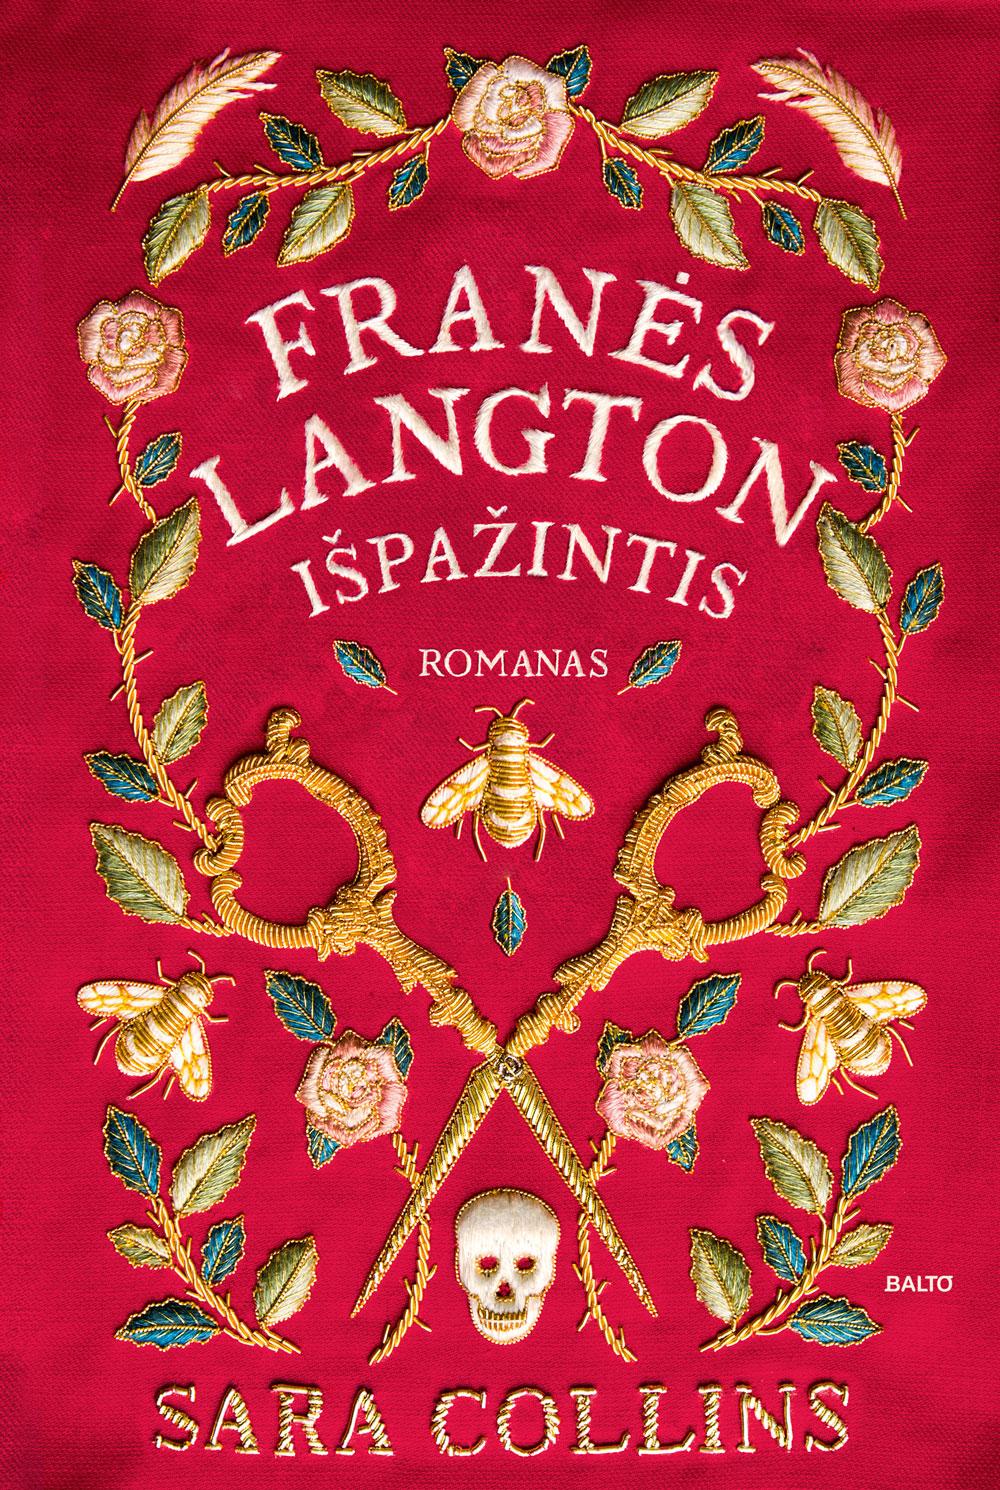 Balto leidybos namai - Franės Langton išpažintis - Sara Collins